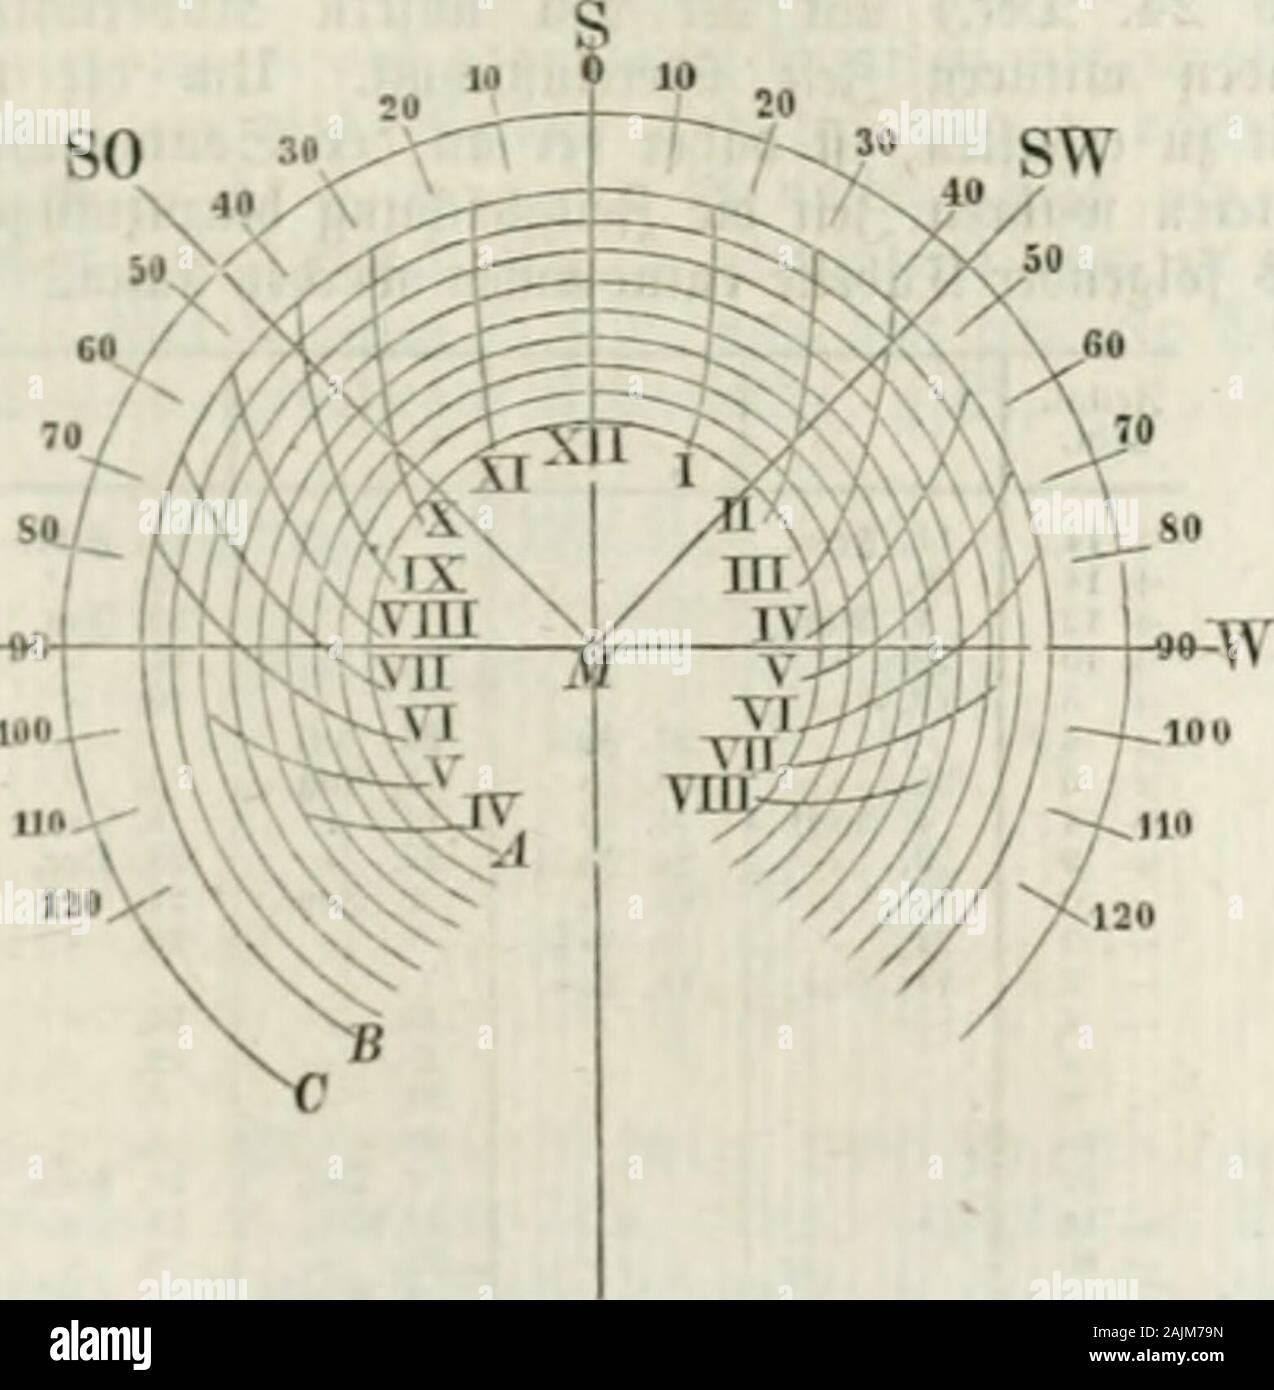 Allgemeine Encyclopädie der Wissenschaften und Künste in alphabetischer Folge von genannten Schriftstellern . 33. für bic Q?o(h5bc Seipjigö (51° 20) foJgenbe Sljimutalretntel: 3cd a> (a (O (a 3q) ©tunSt CO T 2 ~ T 0 -^T + 2 + X H- fo 3 133° 57 136° 42 139° 20 4 114° 16 117° 42 120 59 124 12 127 23 5 94° 17 98° 8 101 49 105 25 108 58 112 30 116 6 6 74° 49 78° 48 82 36 86 20 90 0 93 40 97 24 101 12 105 11 7 63 54 67 30 71 2 74 35 78 11 81 52 85 43 89 46 94 6 8 52 37 55 48 59 1 62 18 65 44 69 22 73 15 77 30 82 10 9 40 40 43 18 46 3 48 55 52 1 55 24 59 9 63 25 68 20 10 27 49 29 46 31 49 34 2 36 Stock Photo